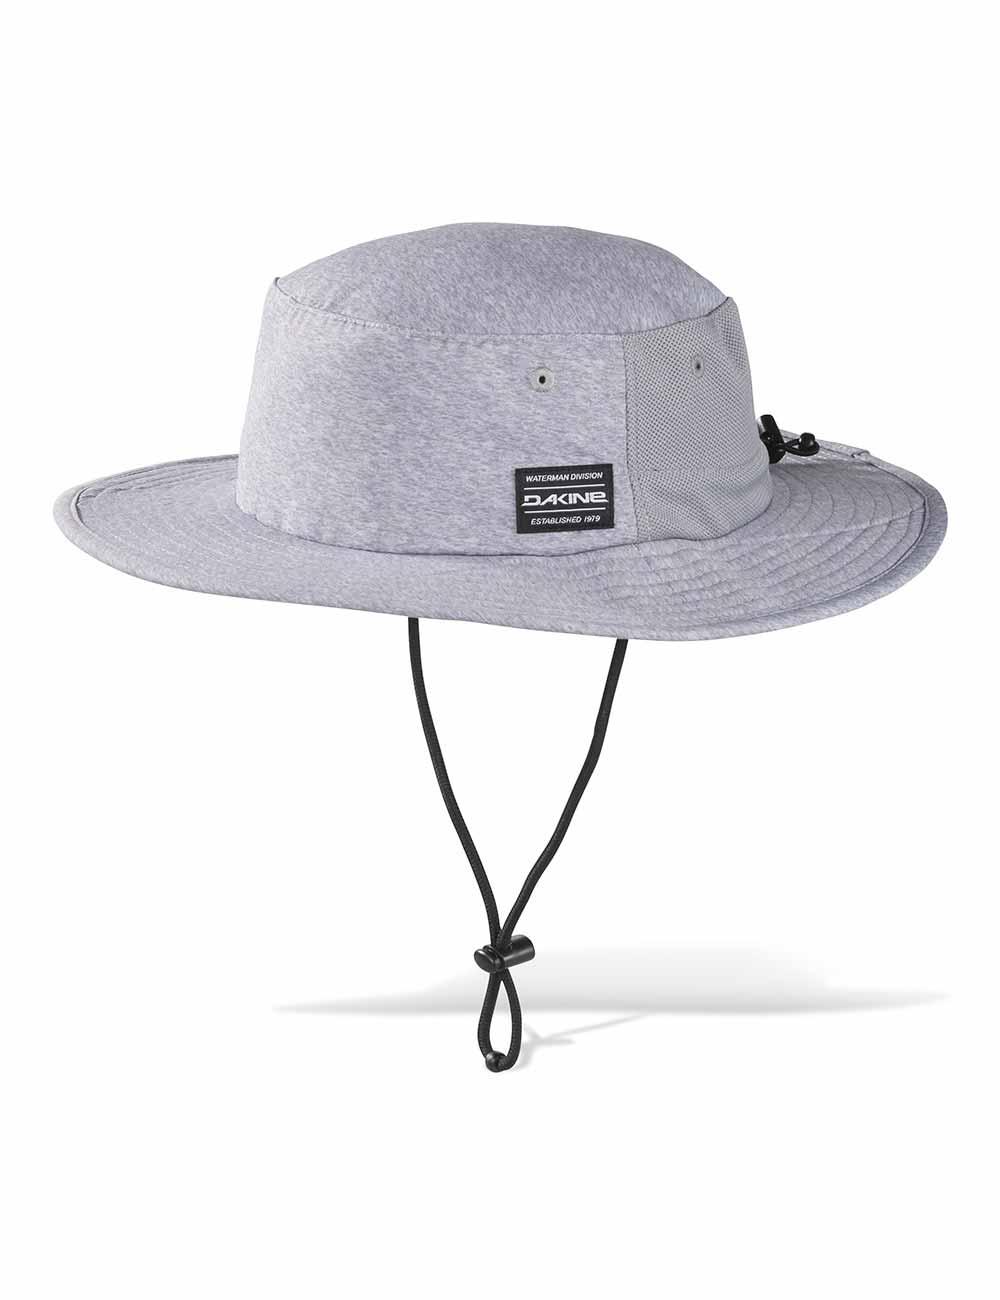 d5567827f Dakine No Zone Surf Hat